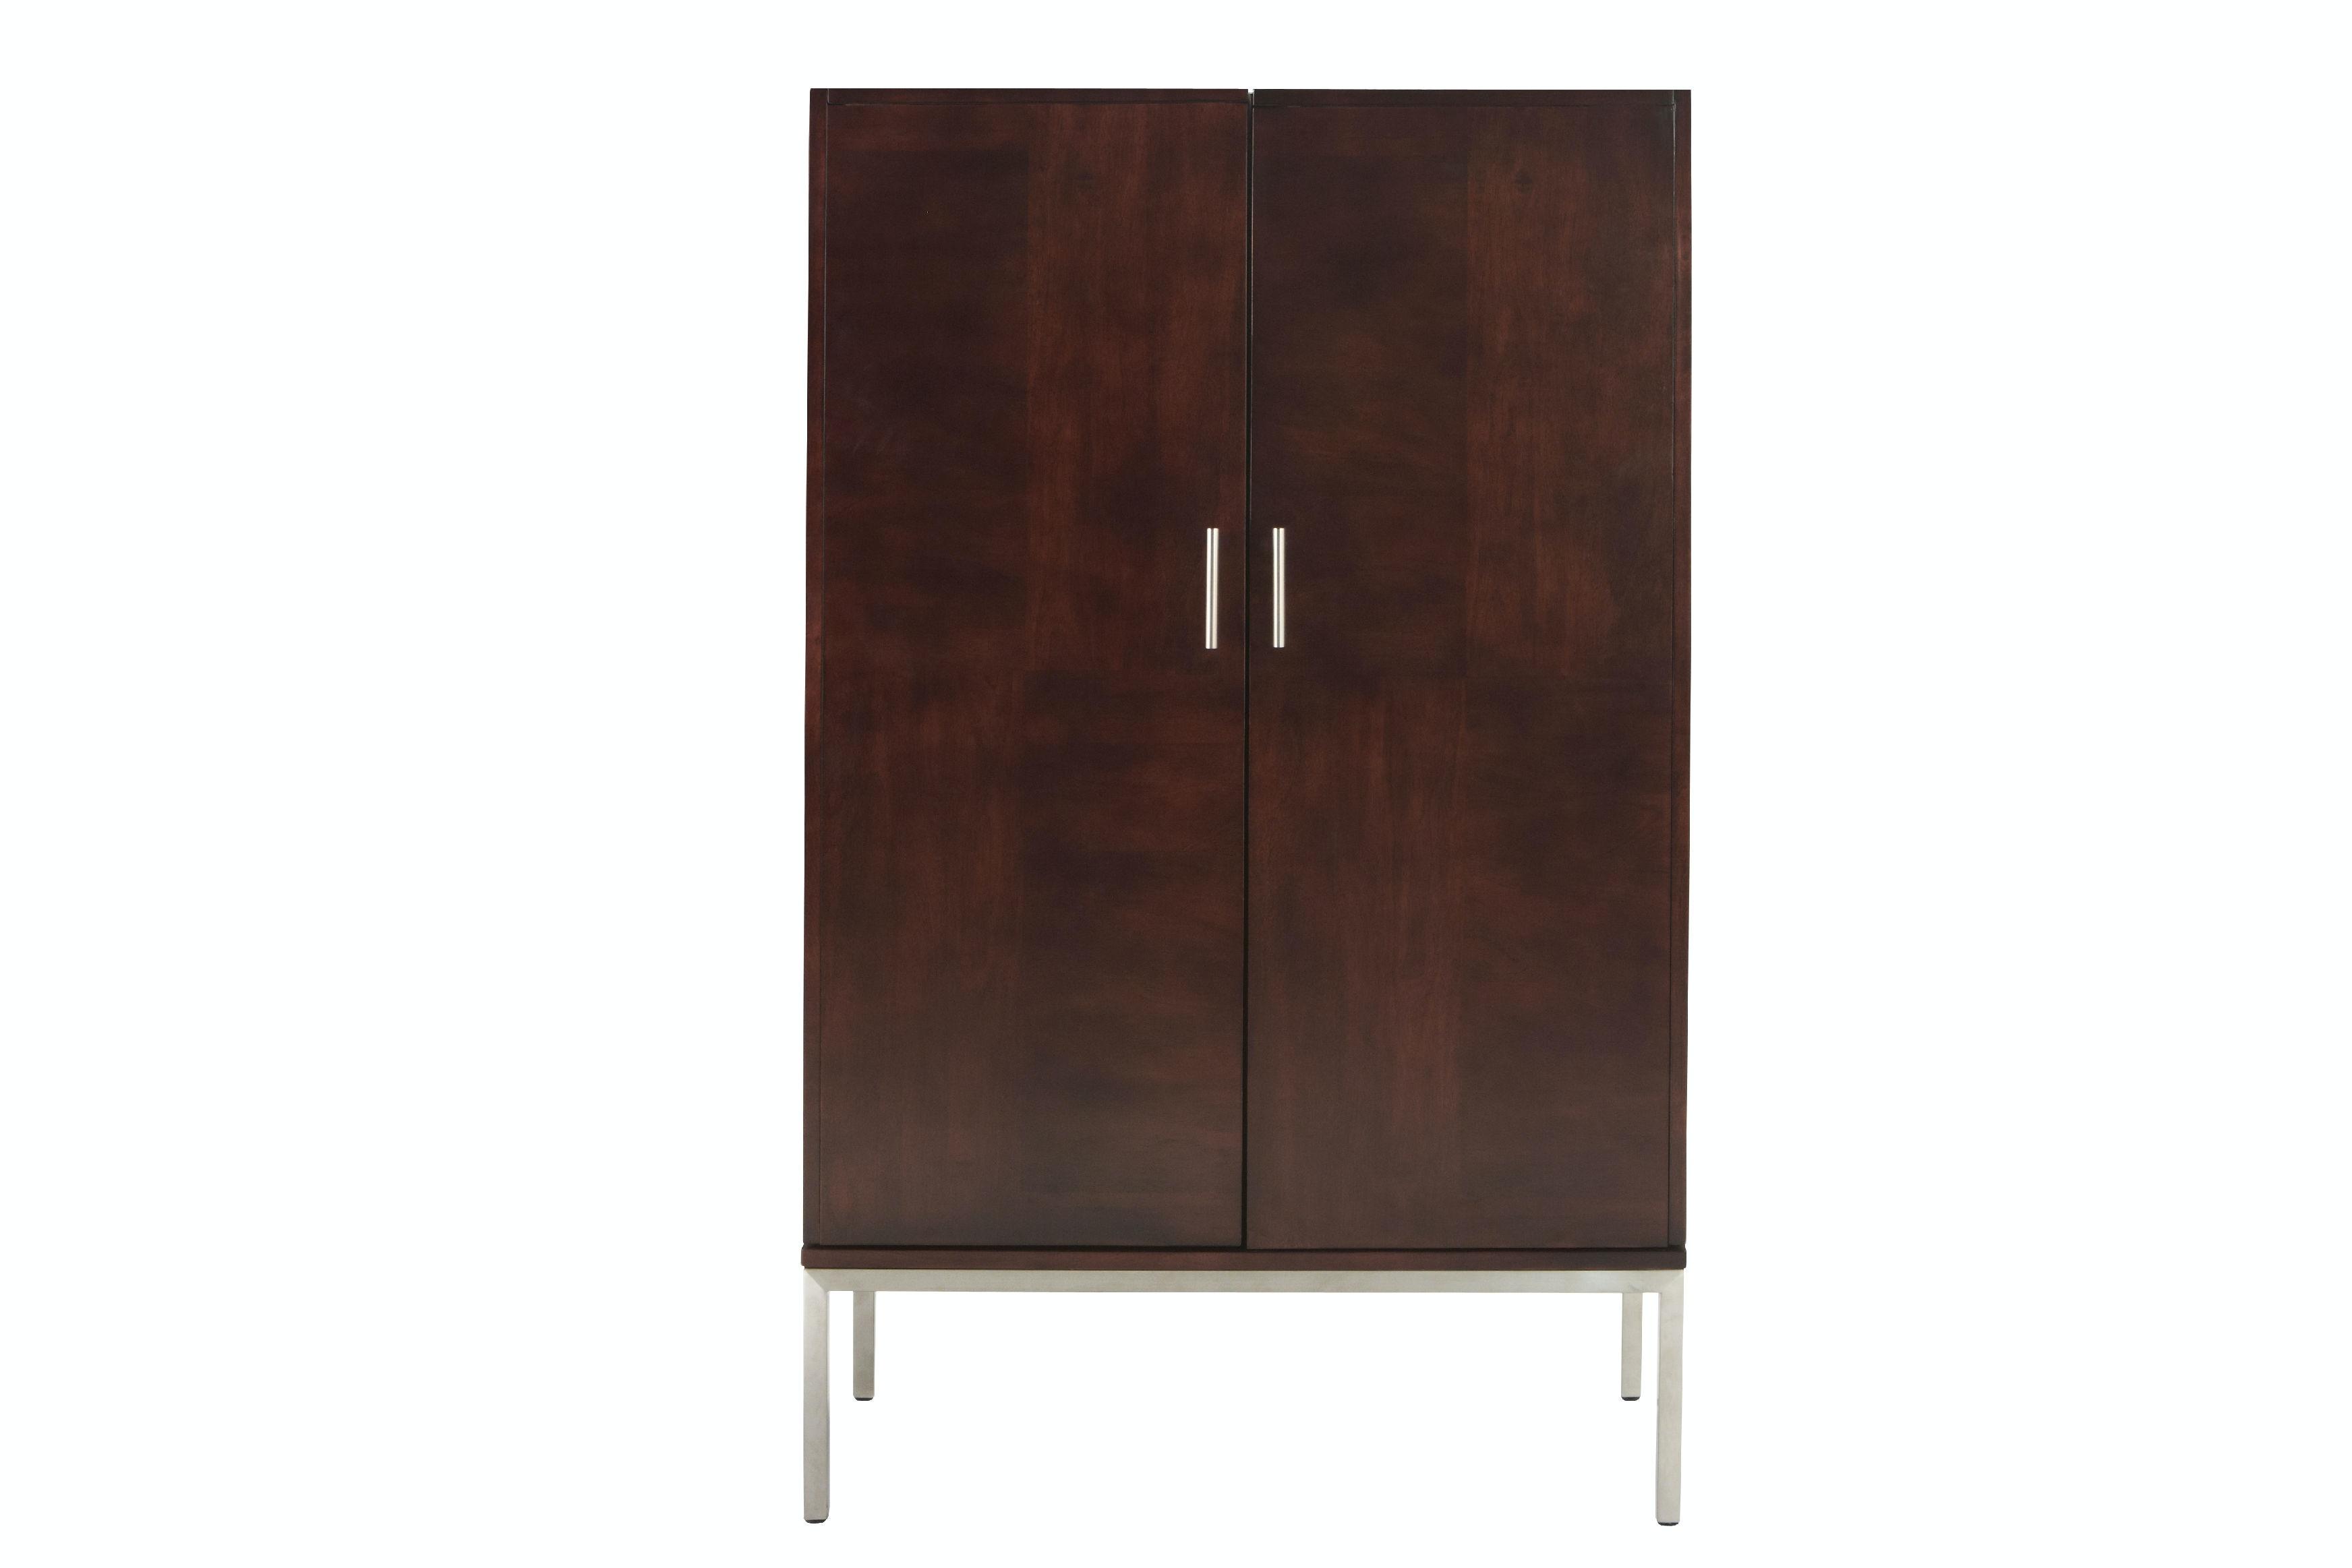 Somerton dwelling living room cube it storage stool 432 30 at carol